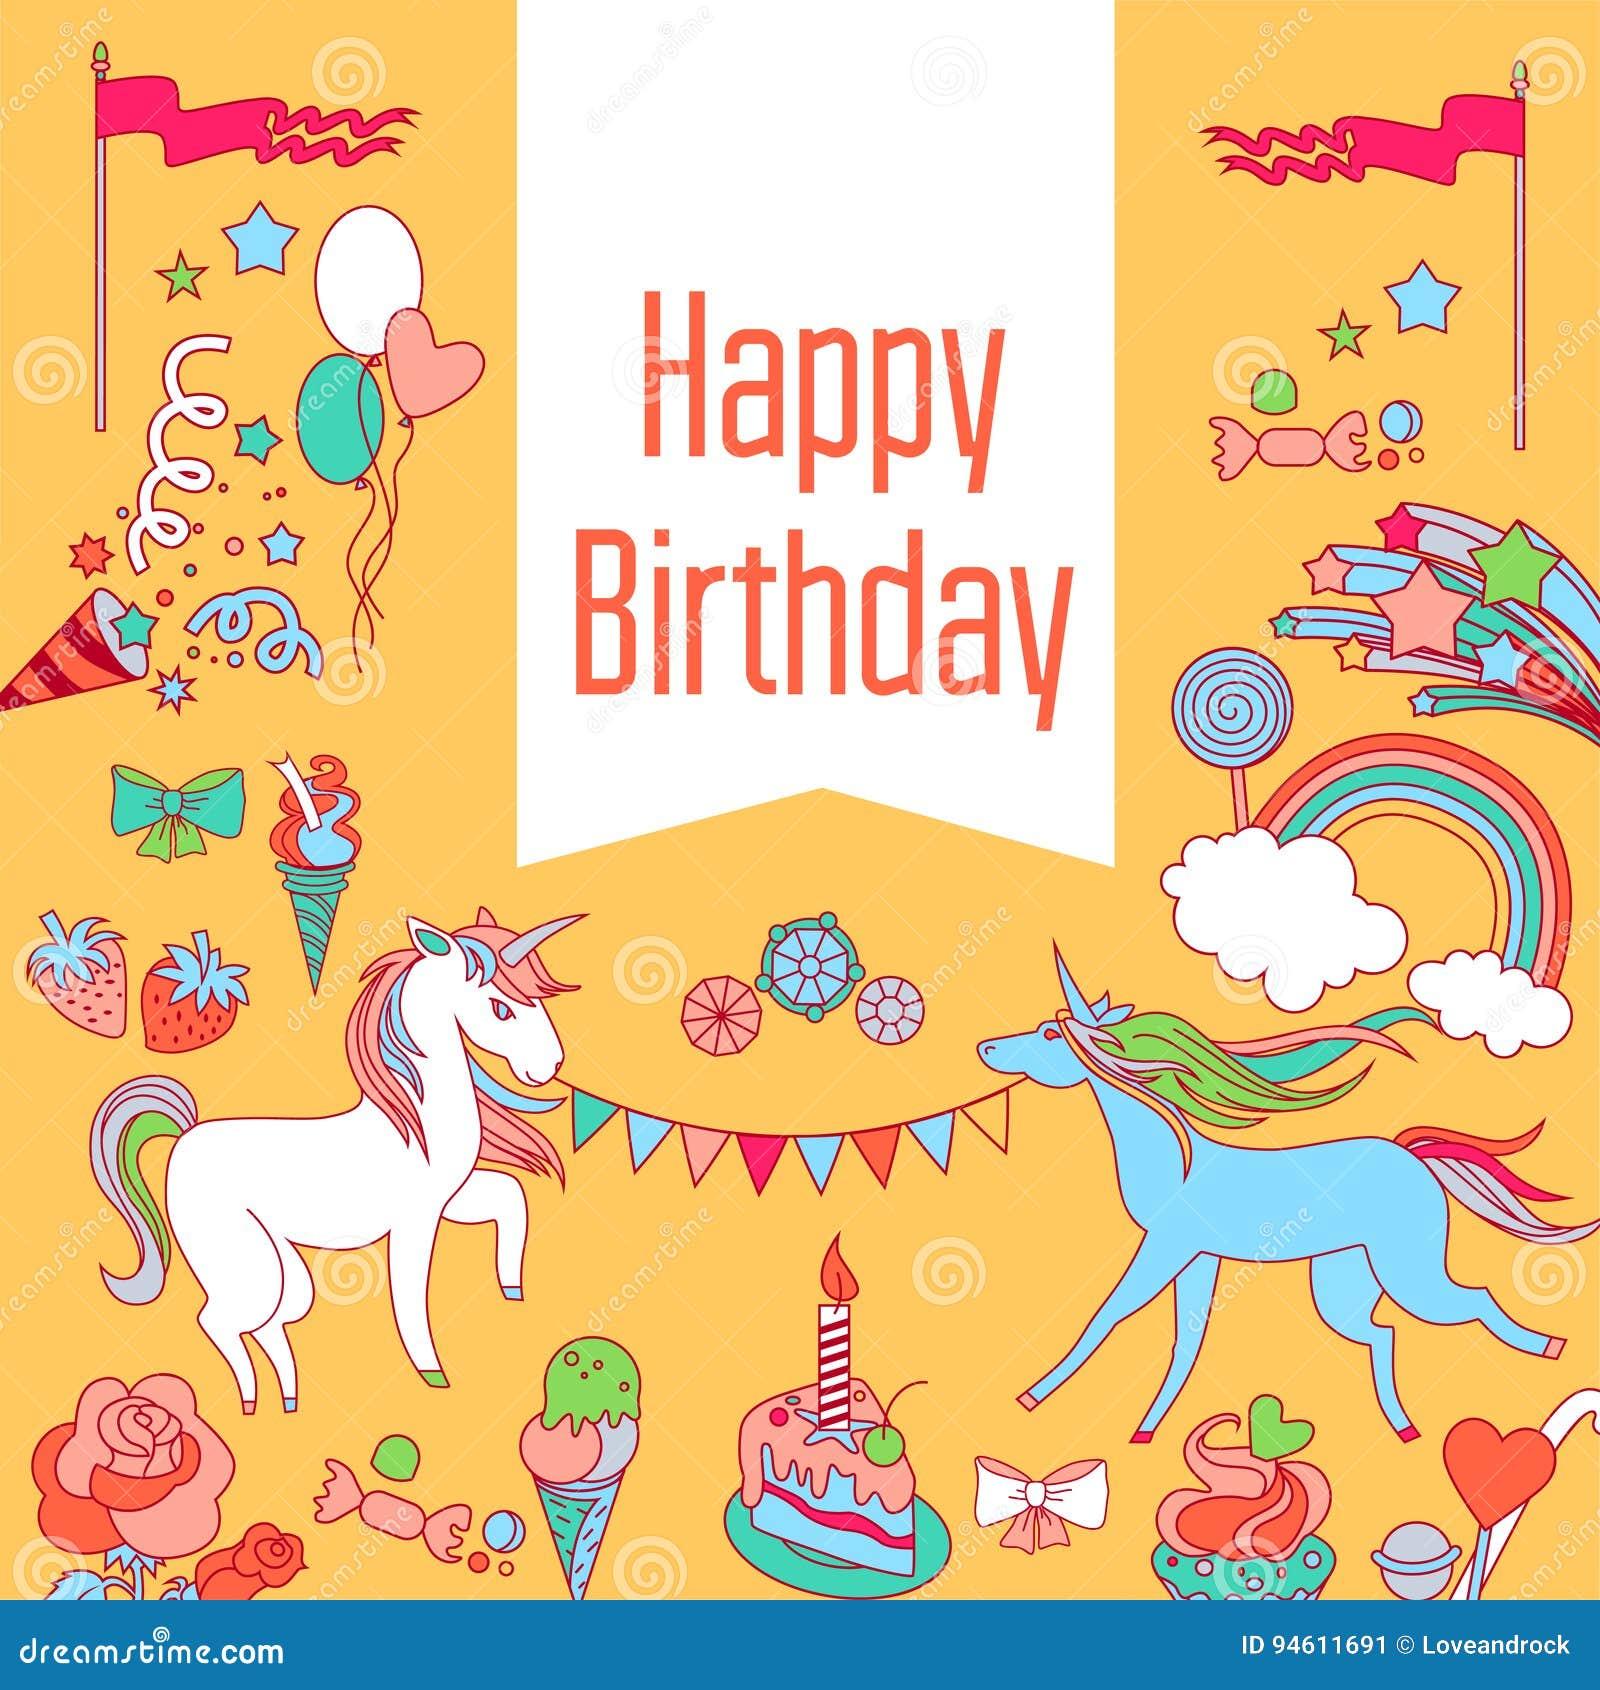 与独角兽、草莓、蛋糕、甜点、彩虹和baloons的生日快乐卡片